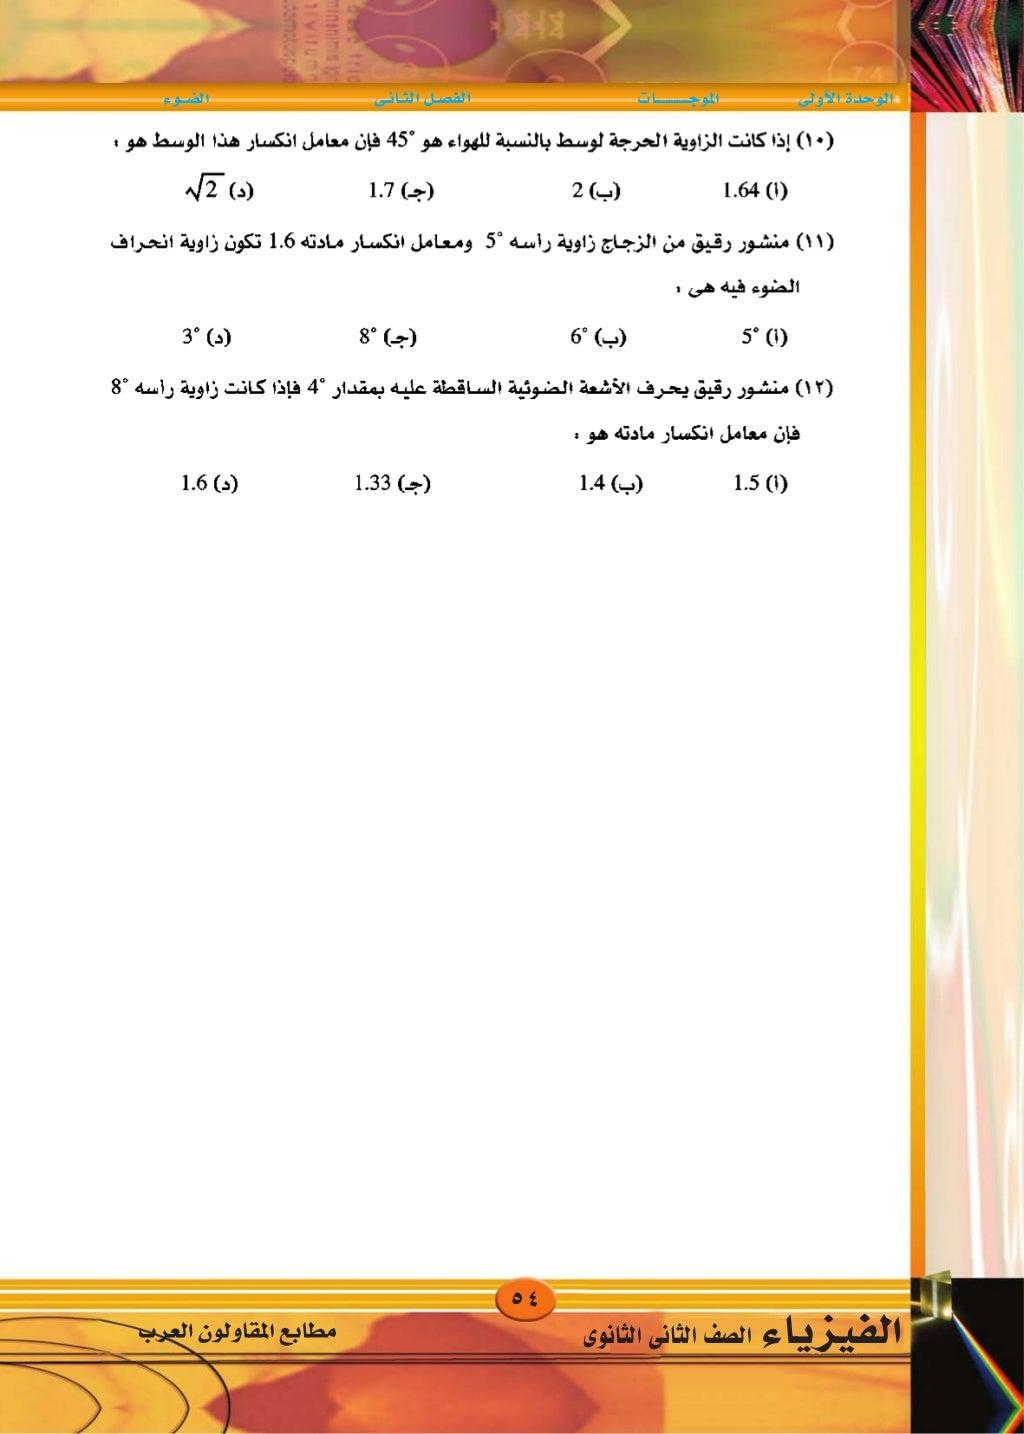 الكتاب المدرسي فيزياء 3 ثانوي pdf